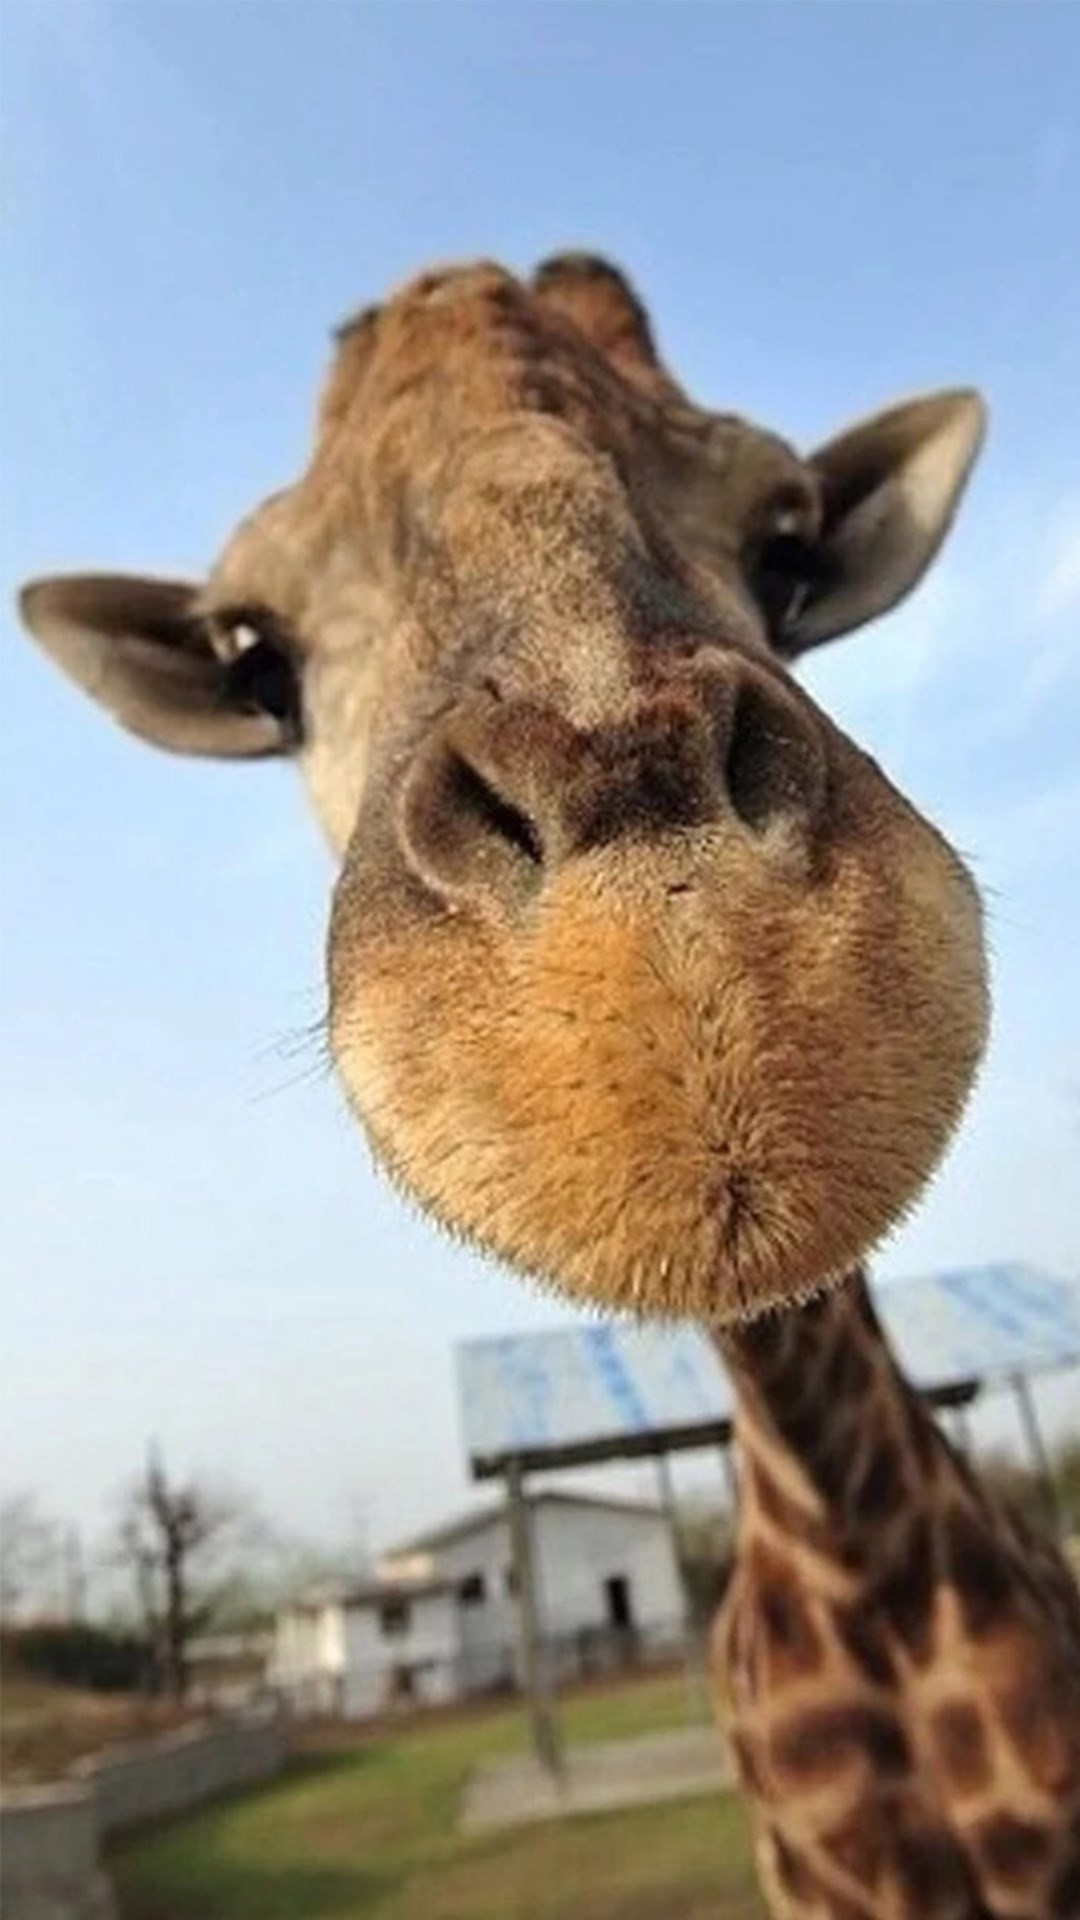 Cute Funny Giraffe Macro Face Animal iPhone 8 wallpaper